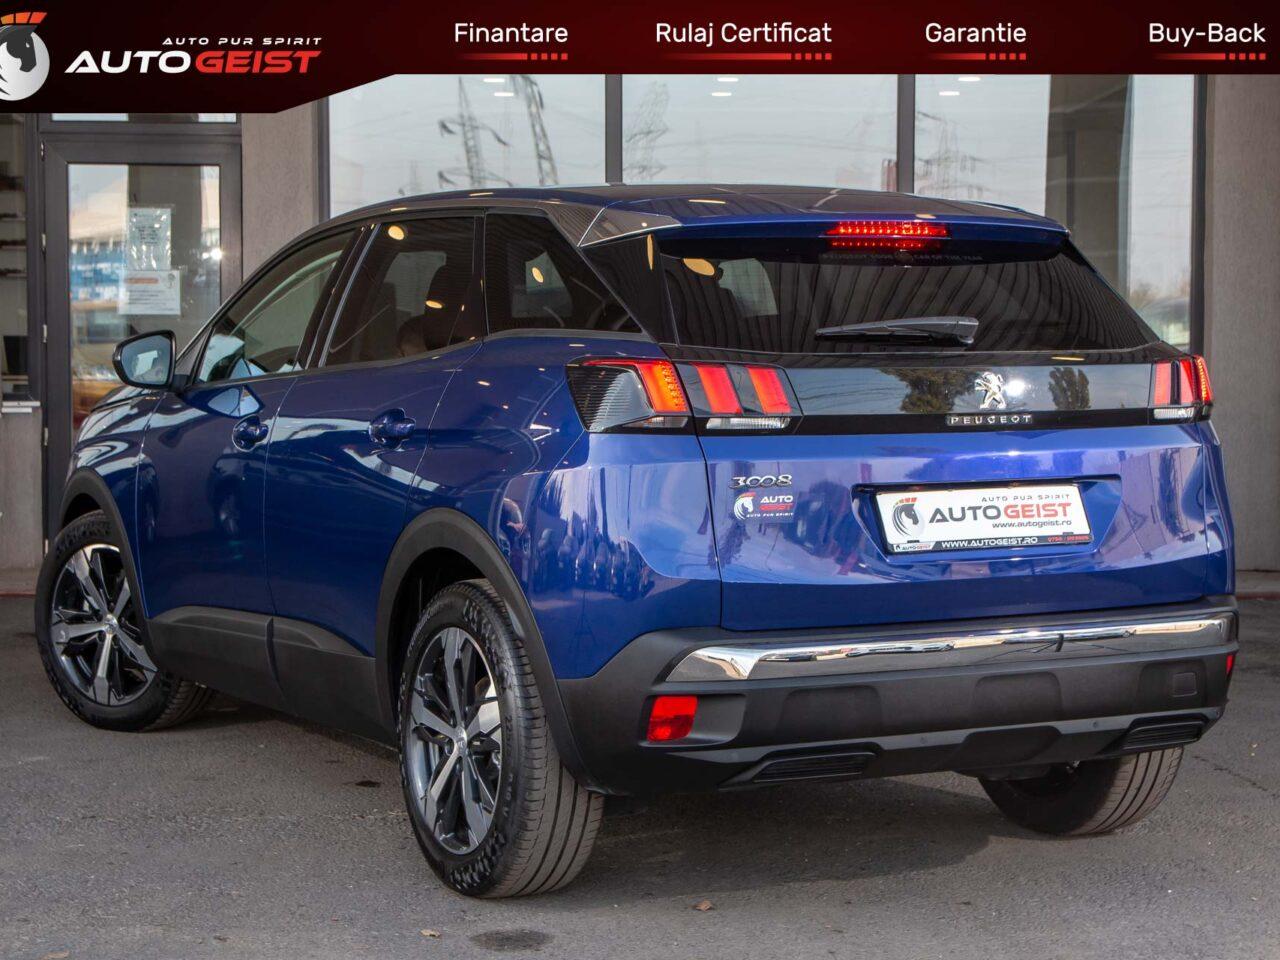 Peugeot-3008-9847